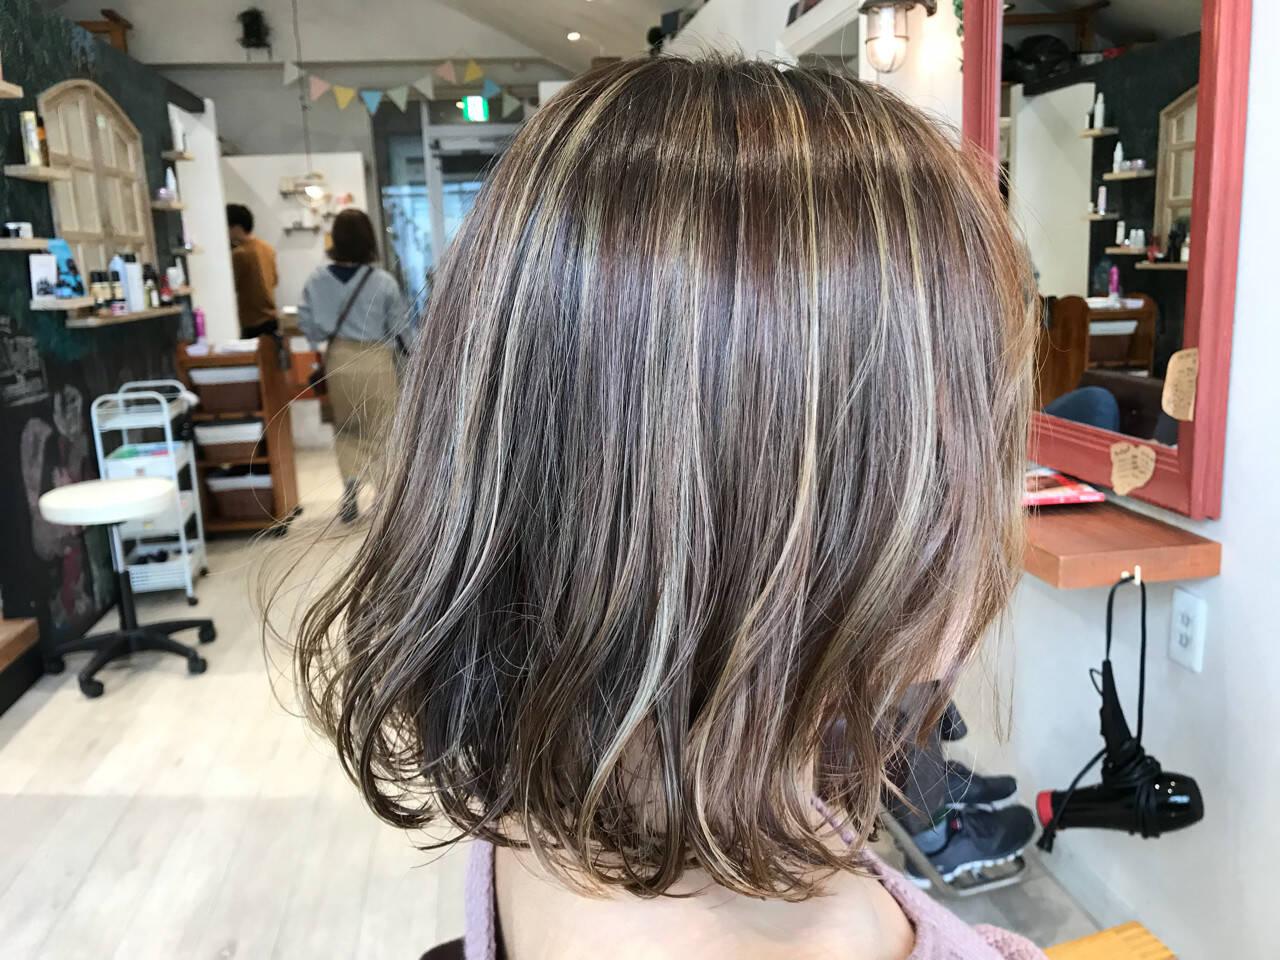 グレージュ バレイヤージュ アッシュグレージュ フェミニンヘアスタイルや髪型の写真・画像